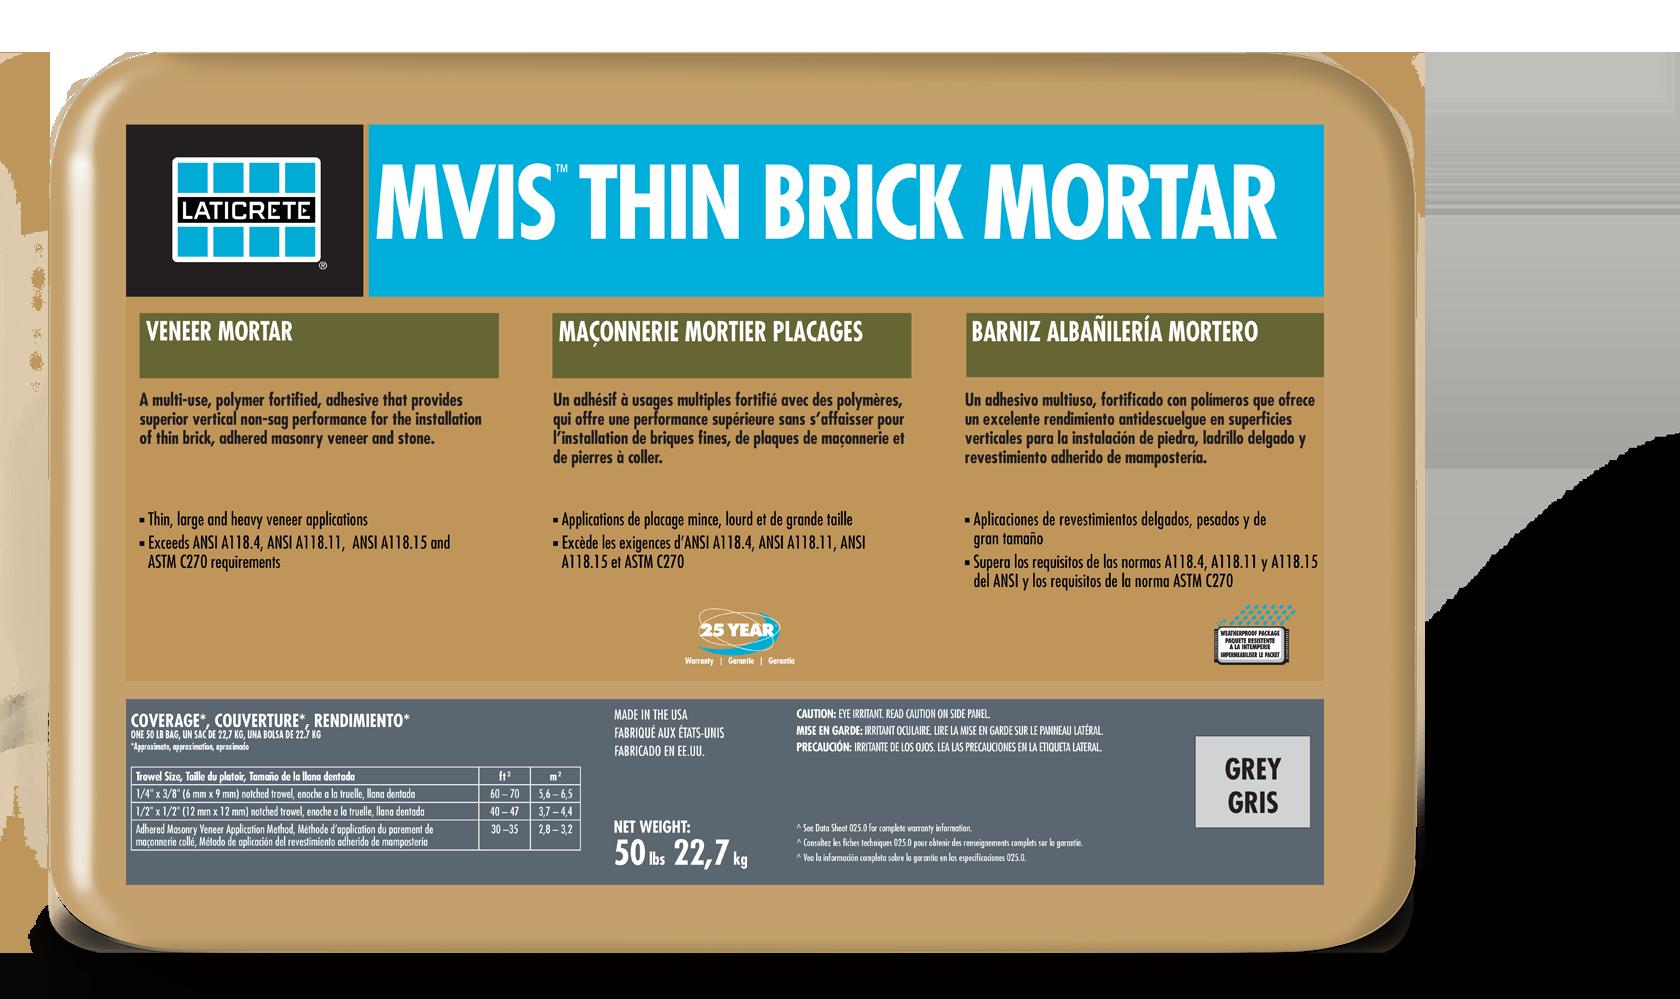 MVIS™ Thin Brick Mortar